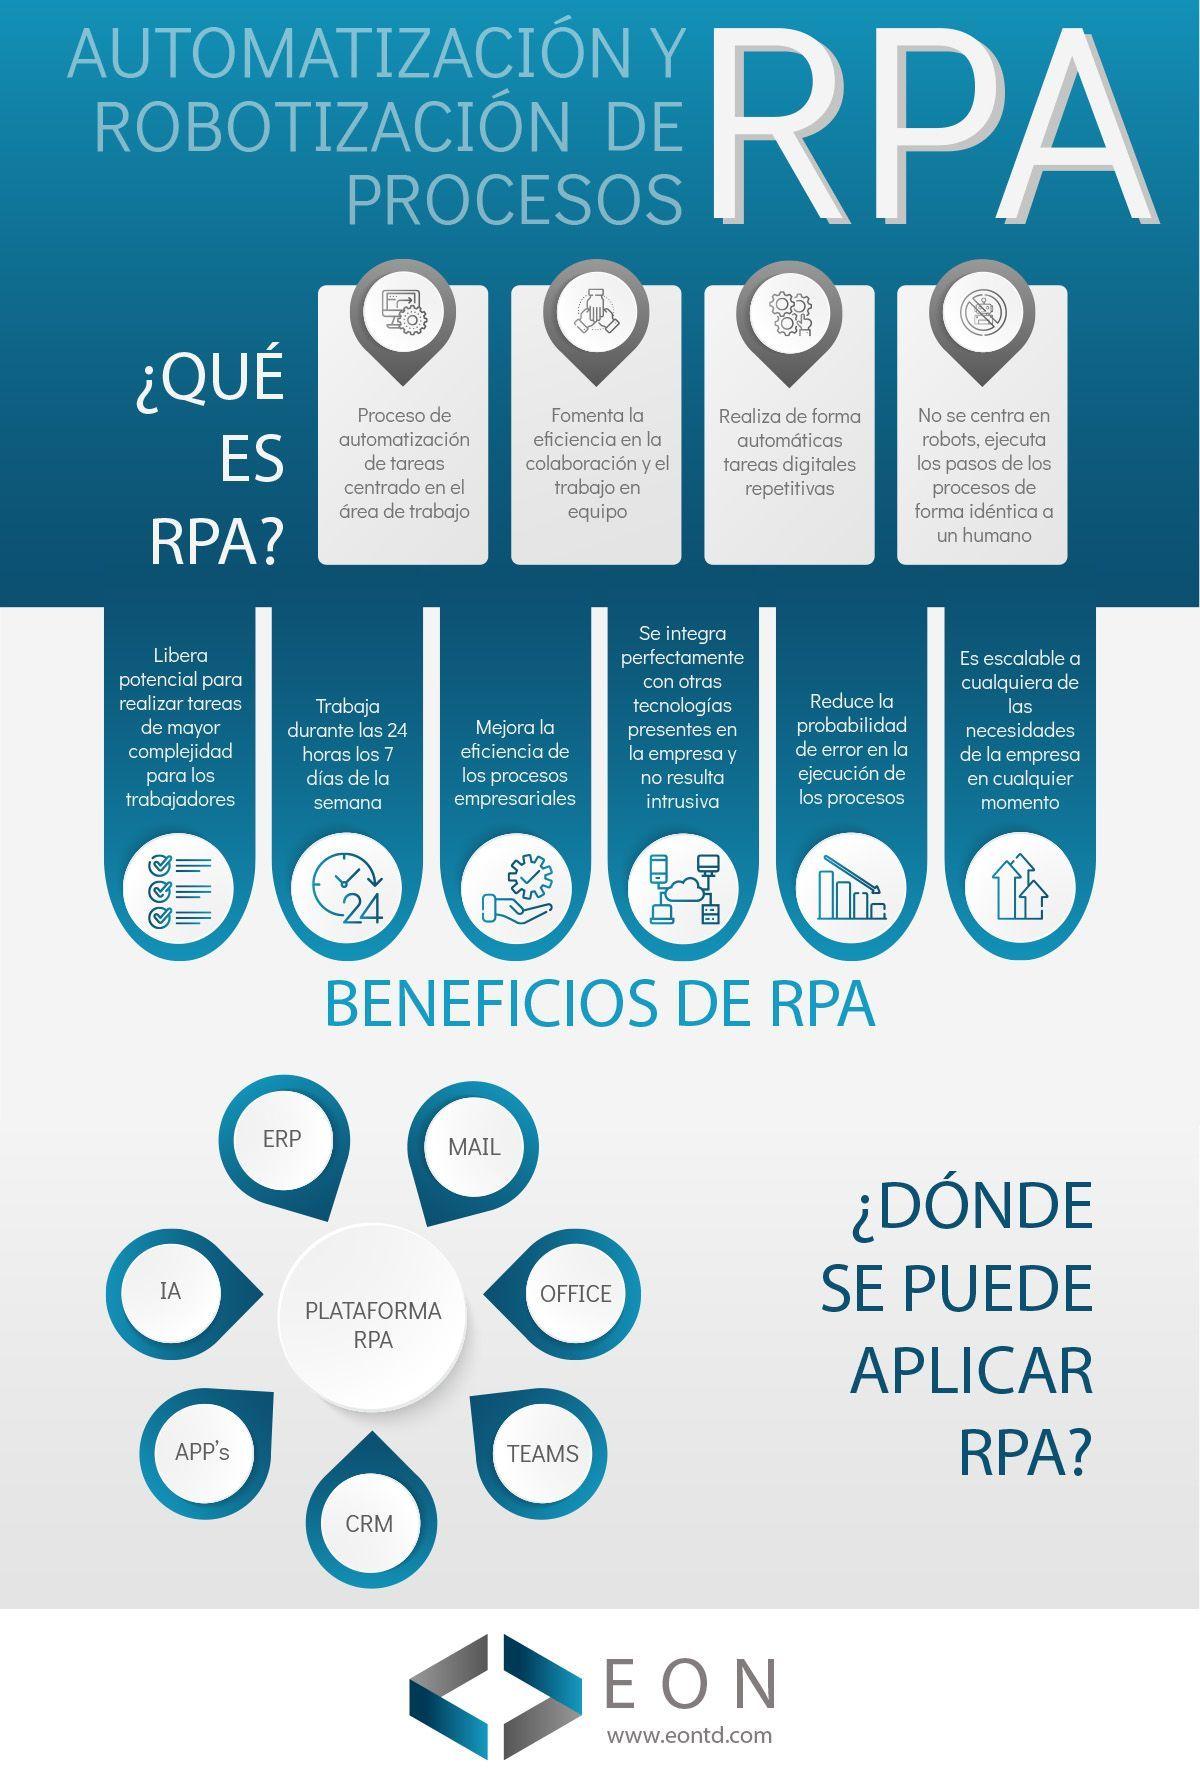 Infografía: automatización y robotización de procesos de RPA | EON Transformación Digital